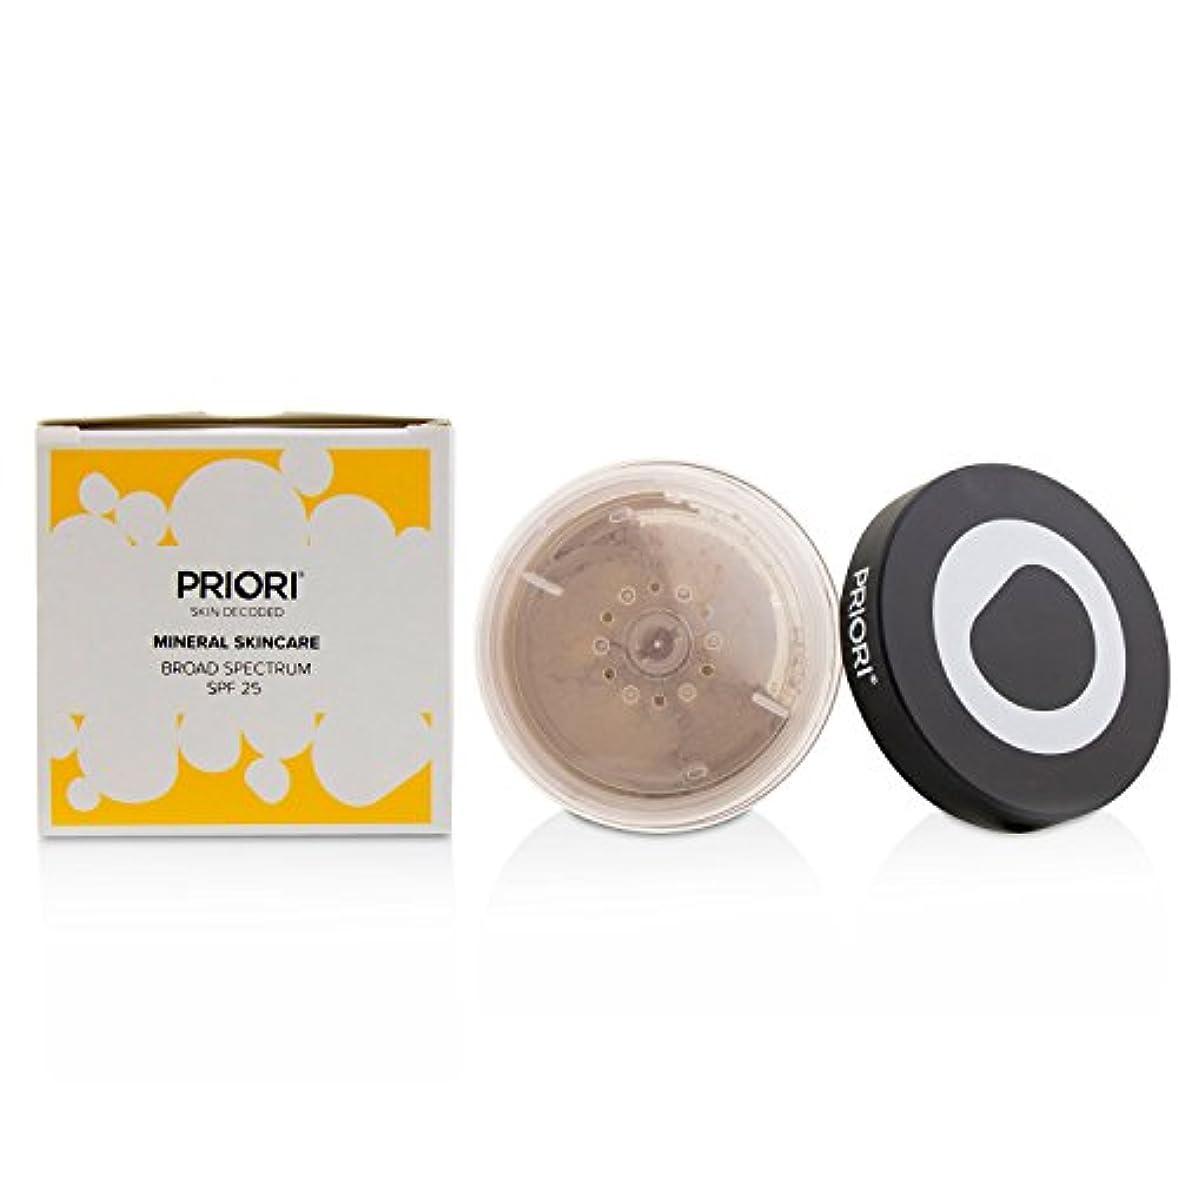 ルネッサンス完璧刃プリオリ Mineral Skincare Broad Spectrum SPF25 - # Shade 4 (Fx354) 5g/0.17oz並行輸入品